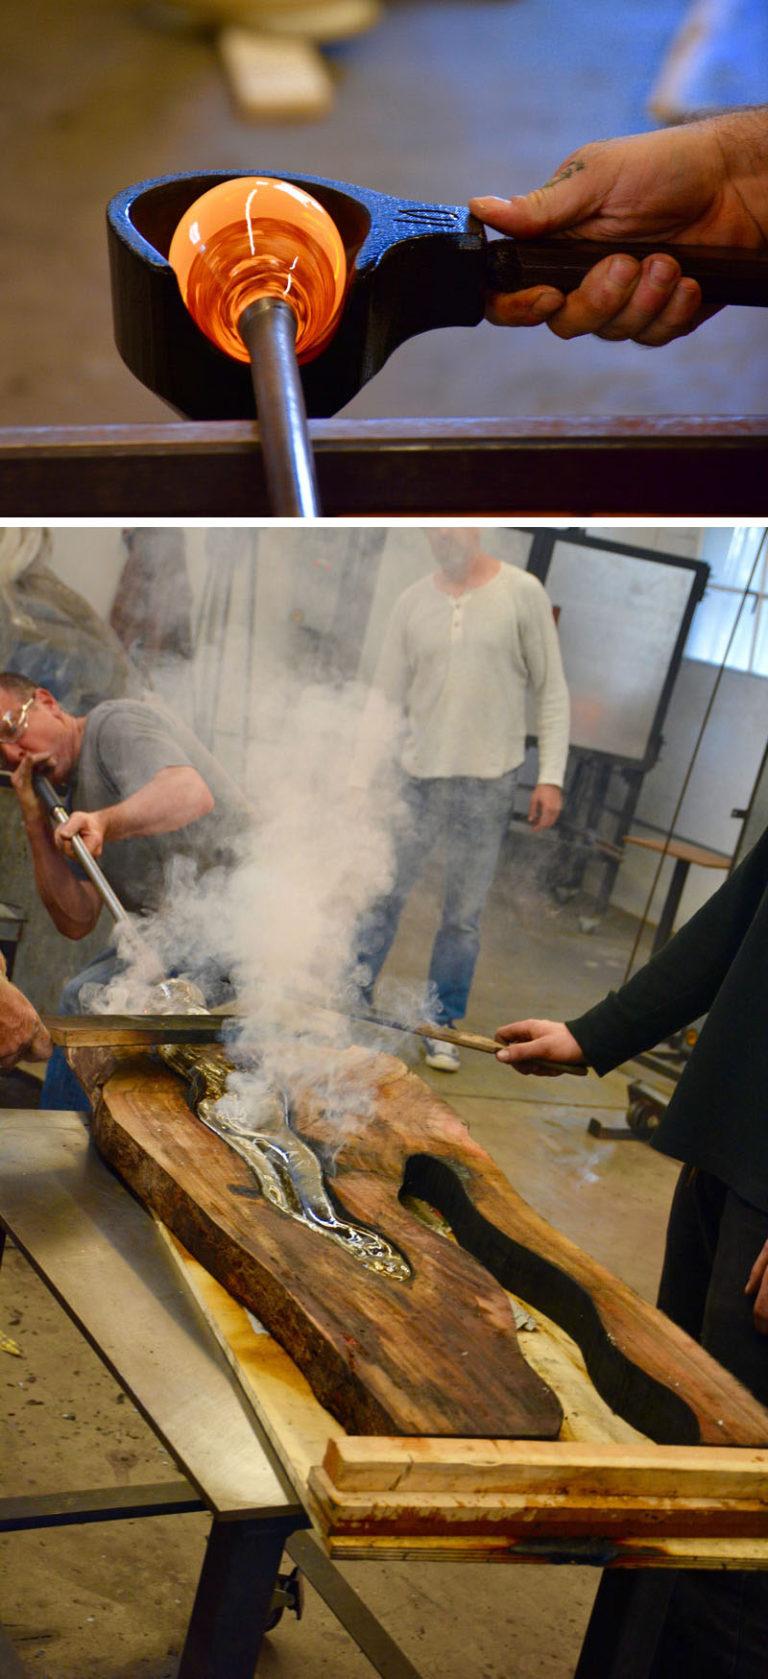 arte-em-vidro-e-madeira-por-scott-slagerman